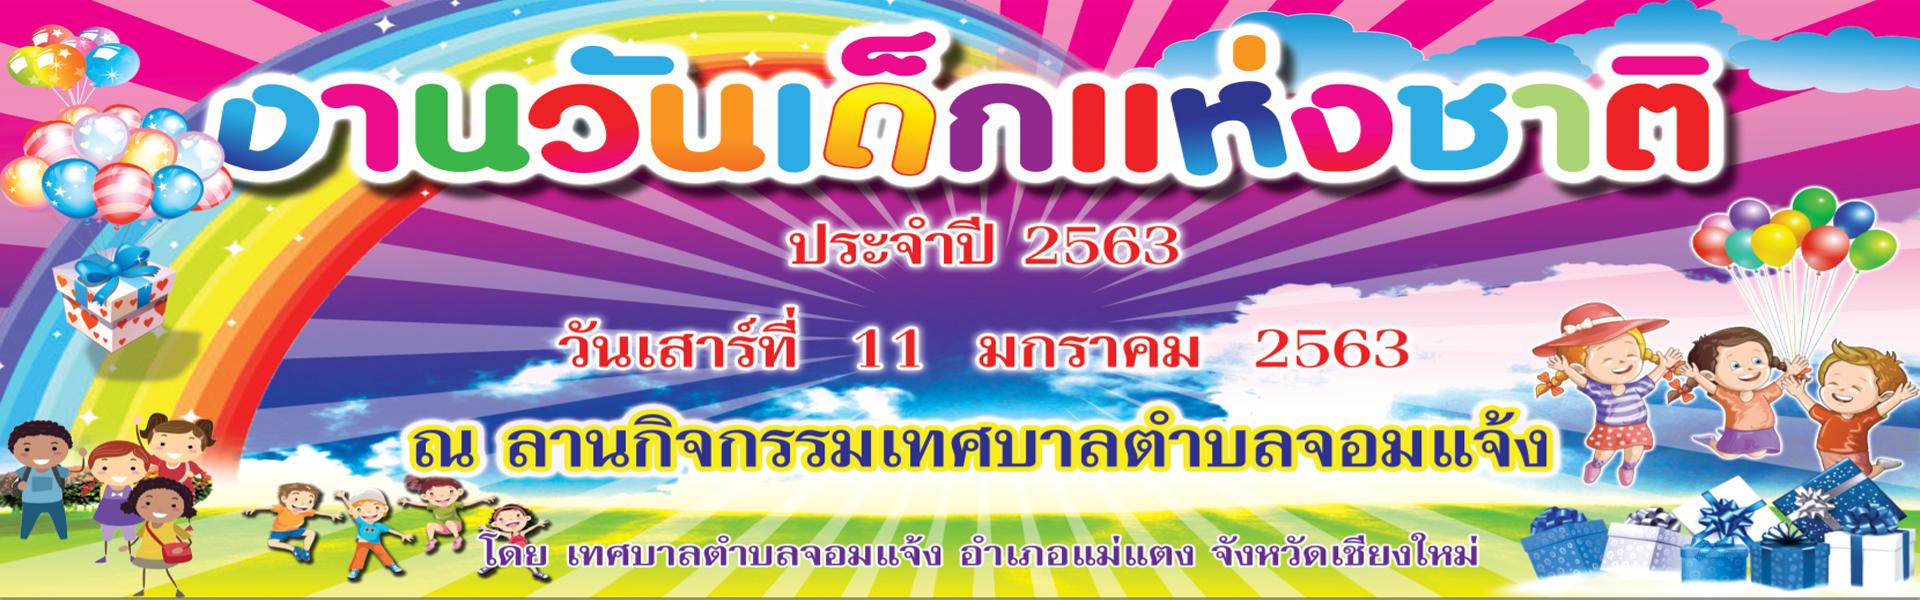 งานวันเด็กแห่งชาติ ประจำปี 2563